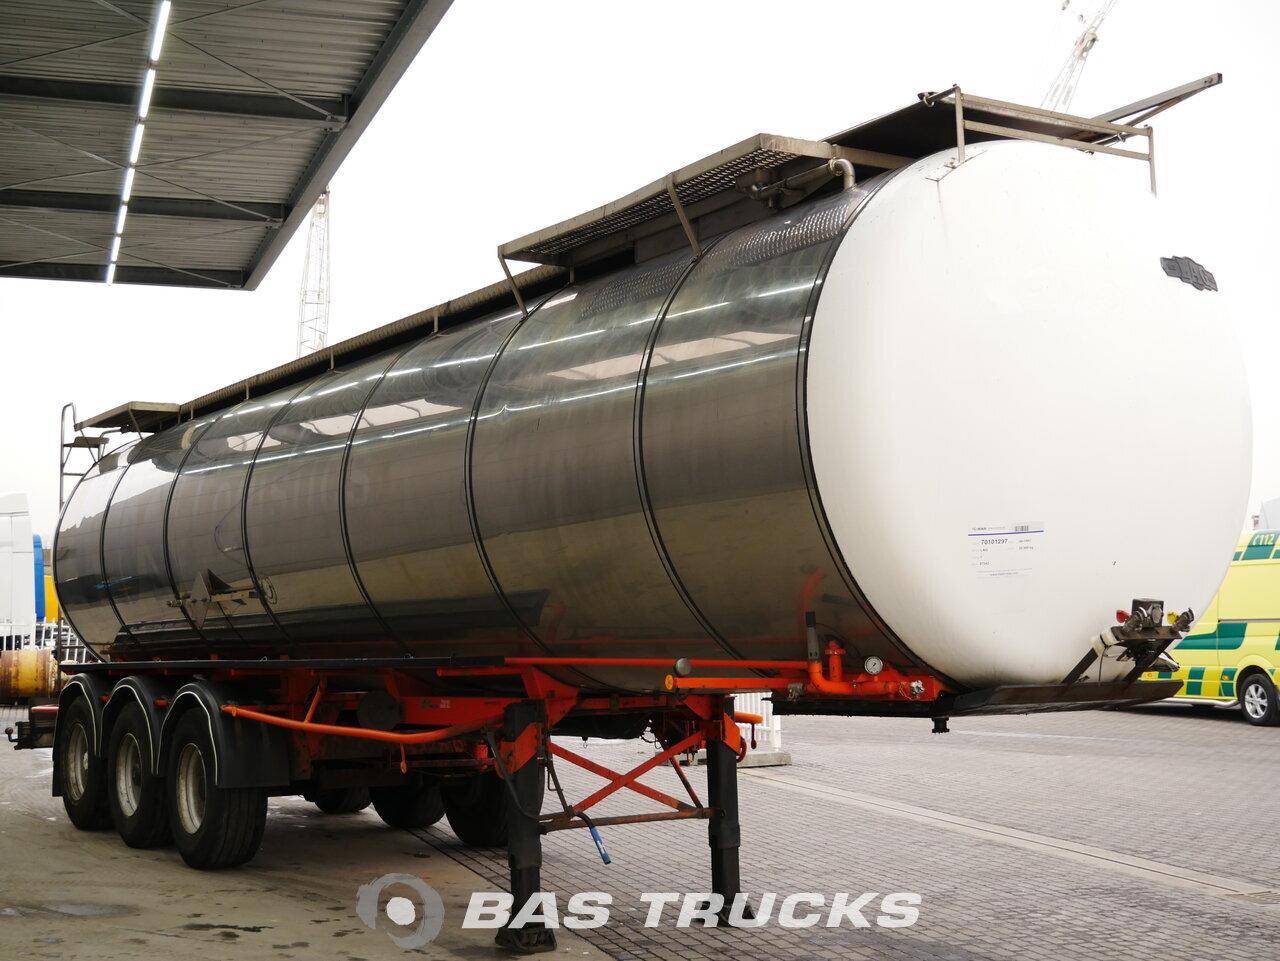 foto di Usato Semirimorchio LAG Bitumen ADR 30.000 Ltr / 1 / 0-3-36,5 CN assi 1987